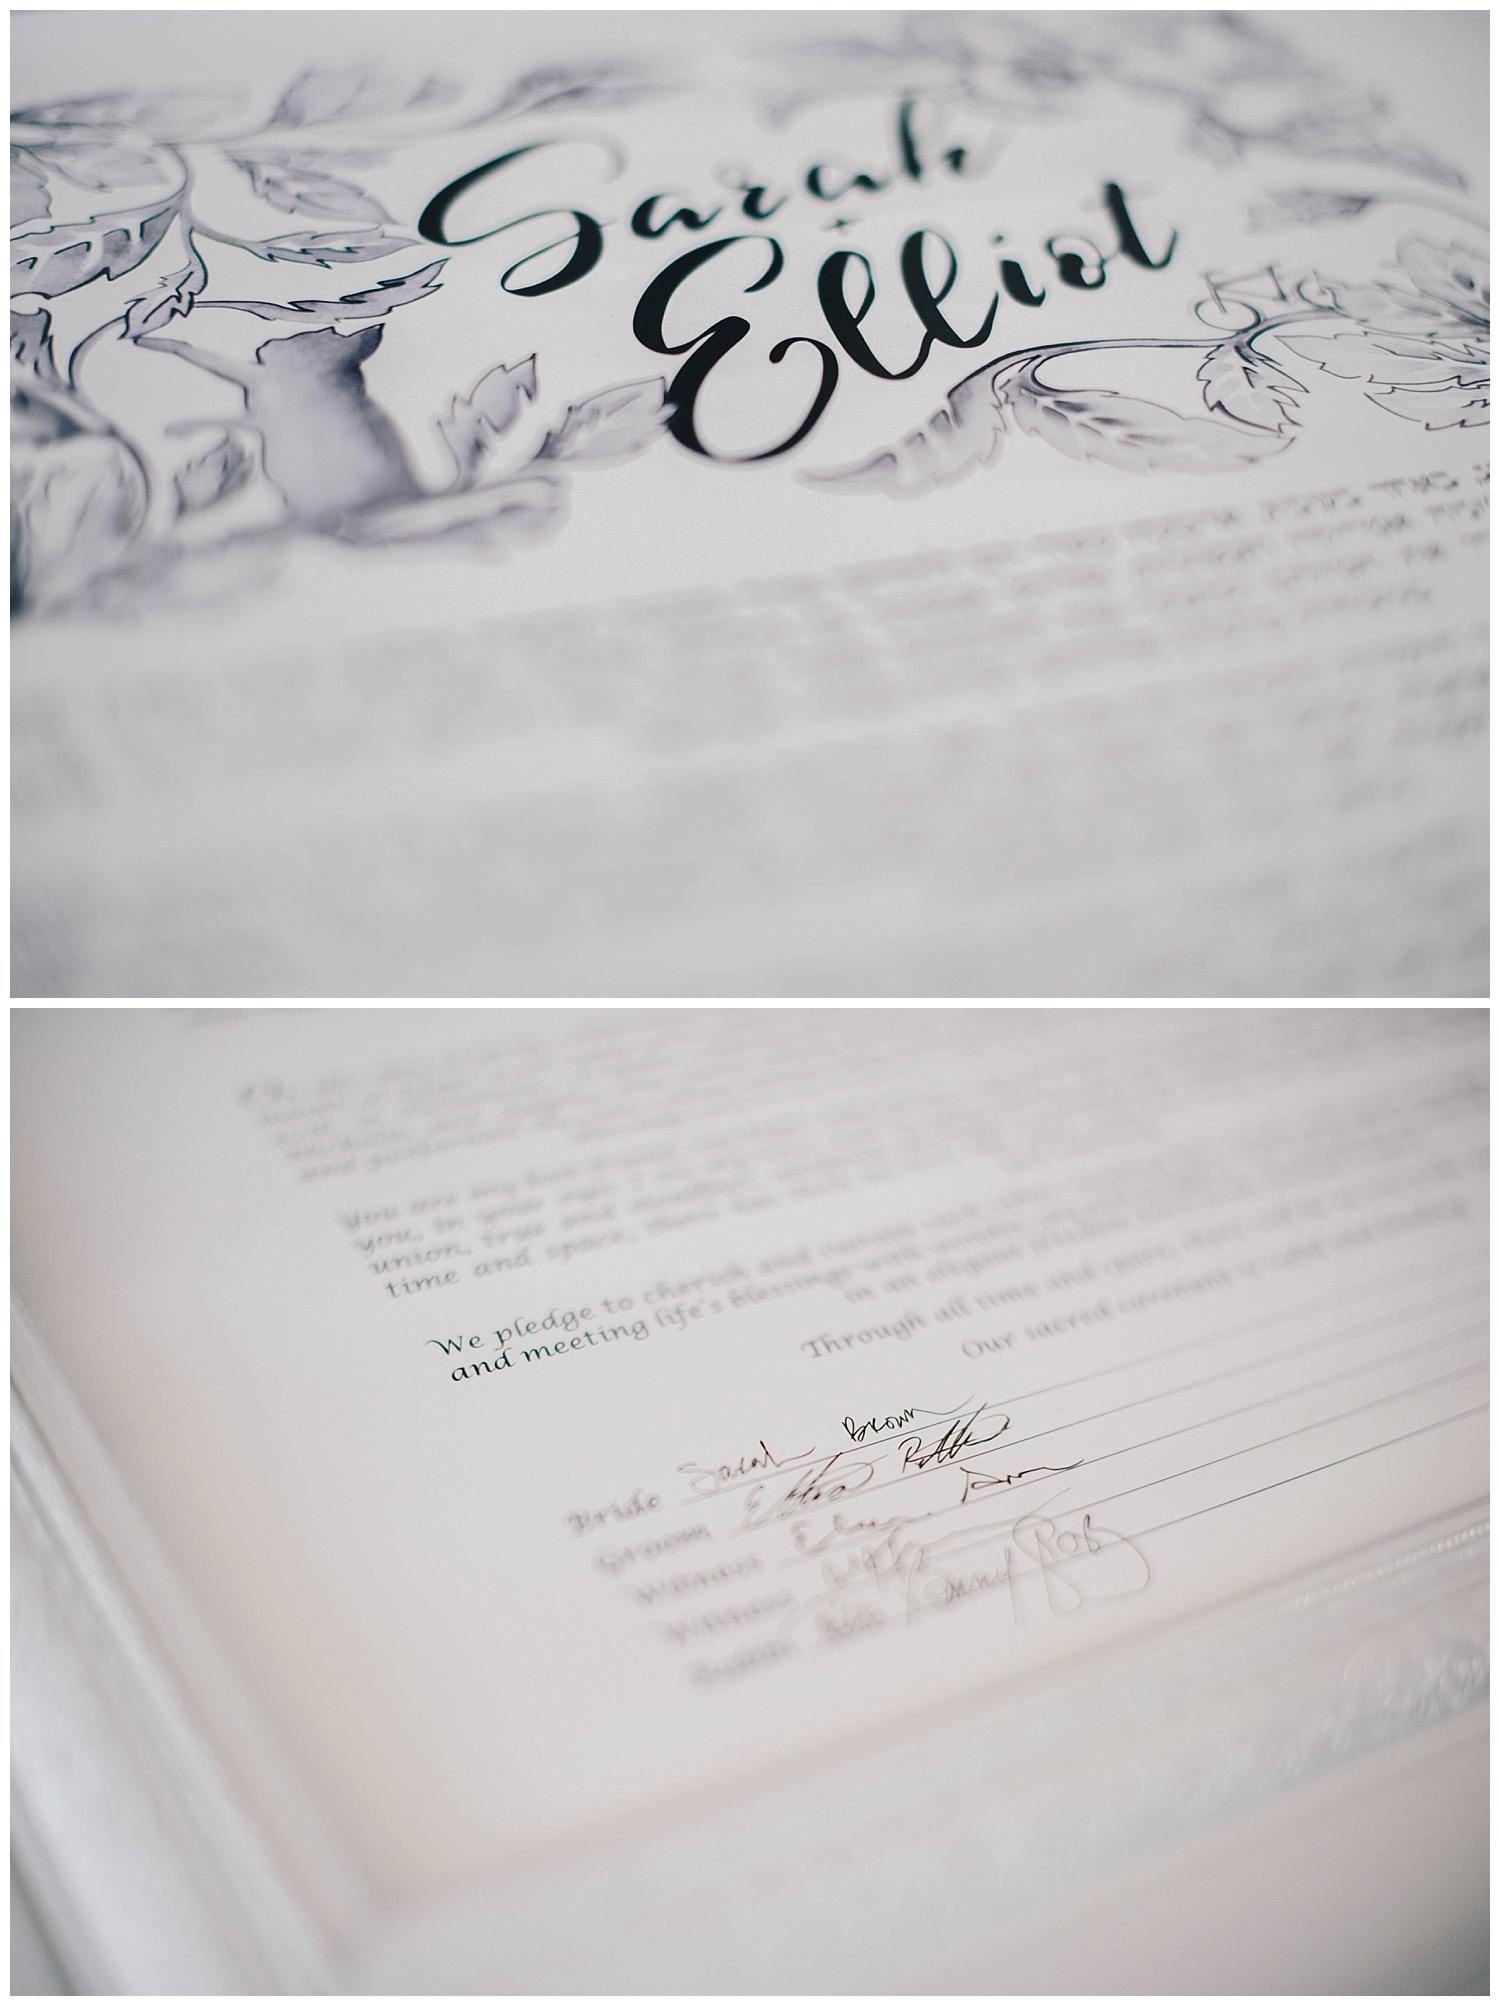 Graduate-Hotel-RVA-Ketubah-Calligraphy.jpg